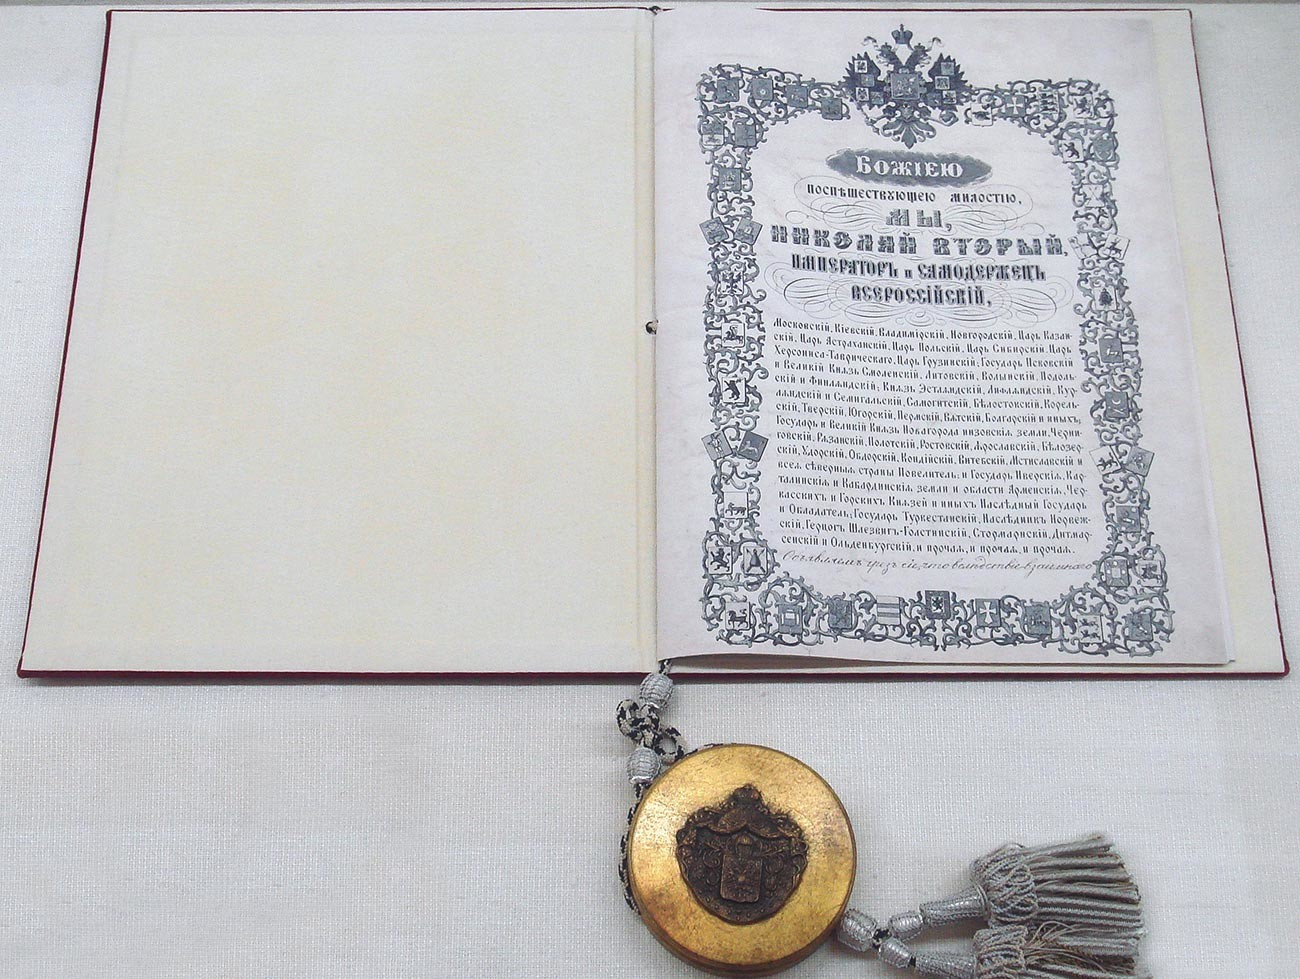 Ratifikacija portsmouthskega mirovnega sporazuma med Japonsko in Rusijo, 25. novembra 1905